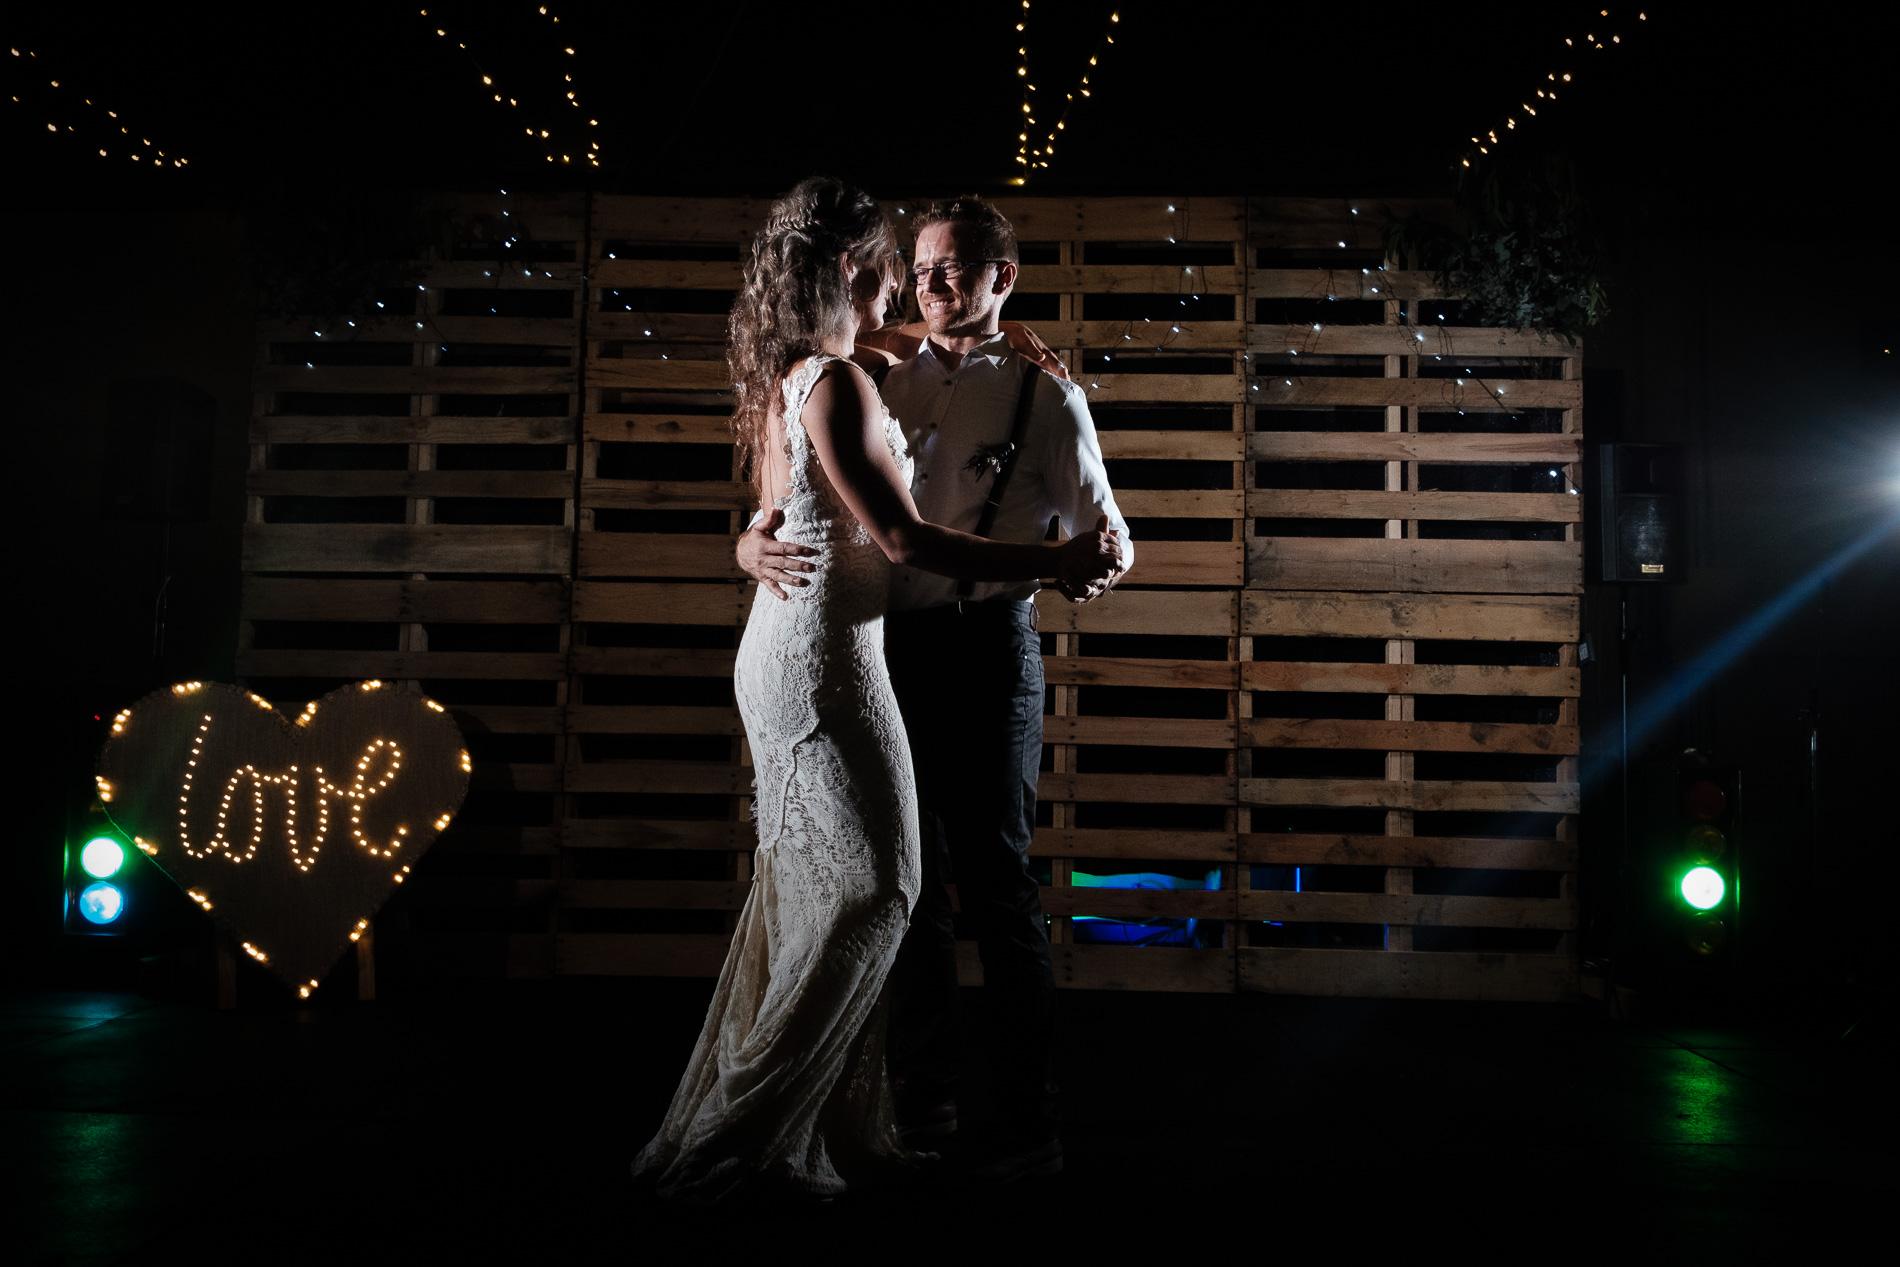 Carlie & Nathan_Leisurelanephoto.com-18.jpg